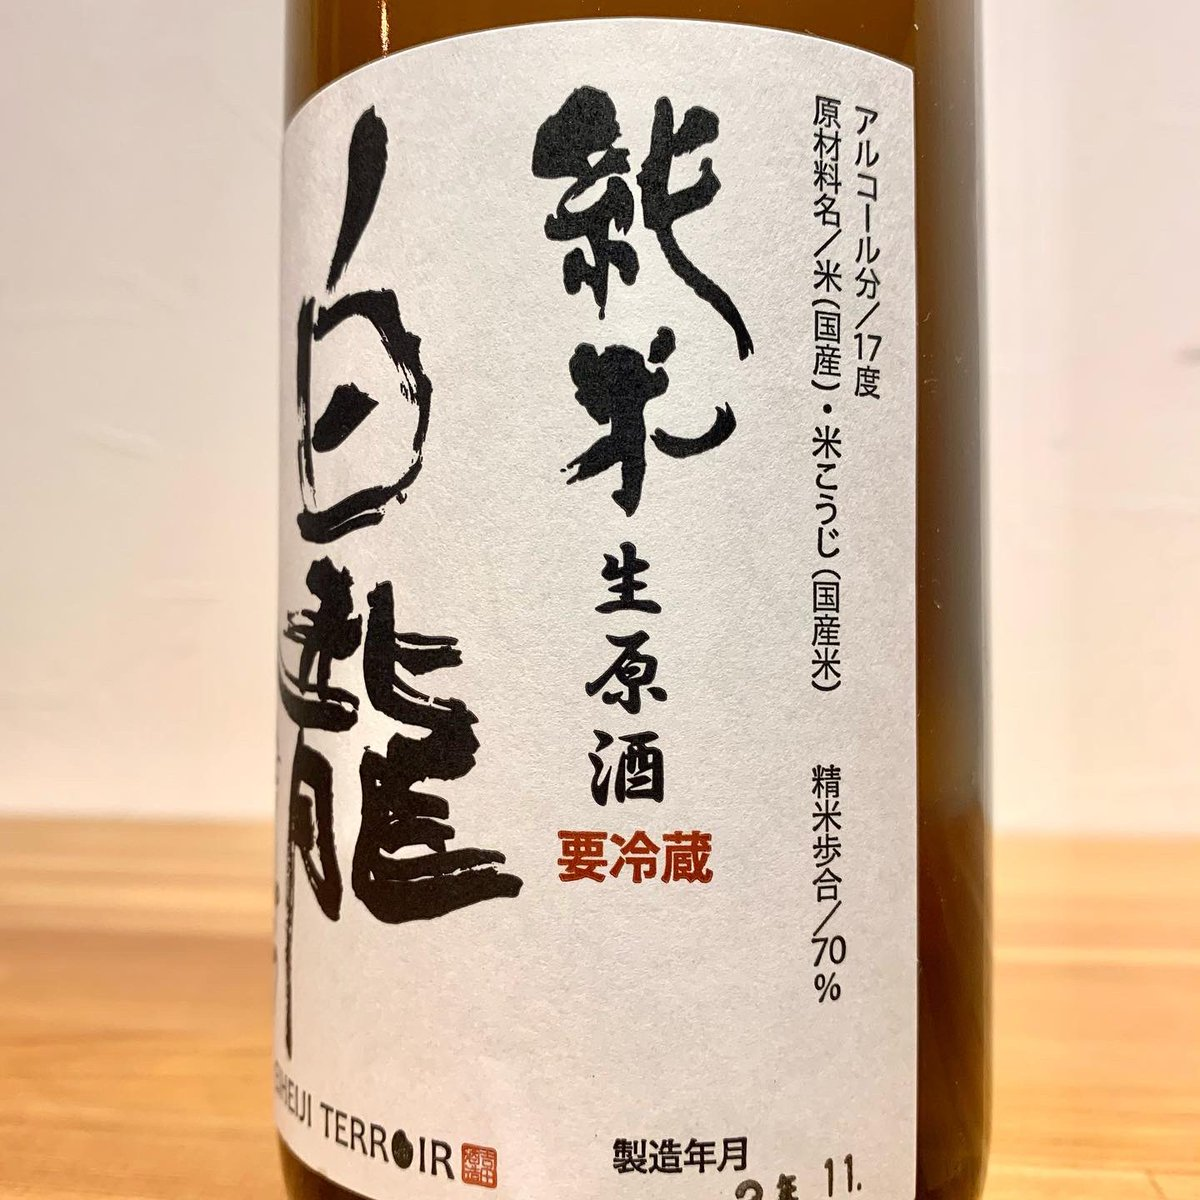 test ツイッターメディア - 先日福井県の「白龍」を醸す吉田酒造さんに送っていただいた白龍の初しぼり(フレッシュで旨味も酸味もバッチリでめちゃくちゃ美味い)とセイコガニ(越前ガニのメス)をいただきました!  カニって一匹の中にめちゃくちゃストーリーがあるなぁ。お酒の温度も変えながら合わせると最高!  #日本酒 #白龍 https://t.co/qcyY1qYT5h